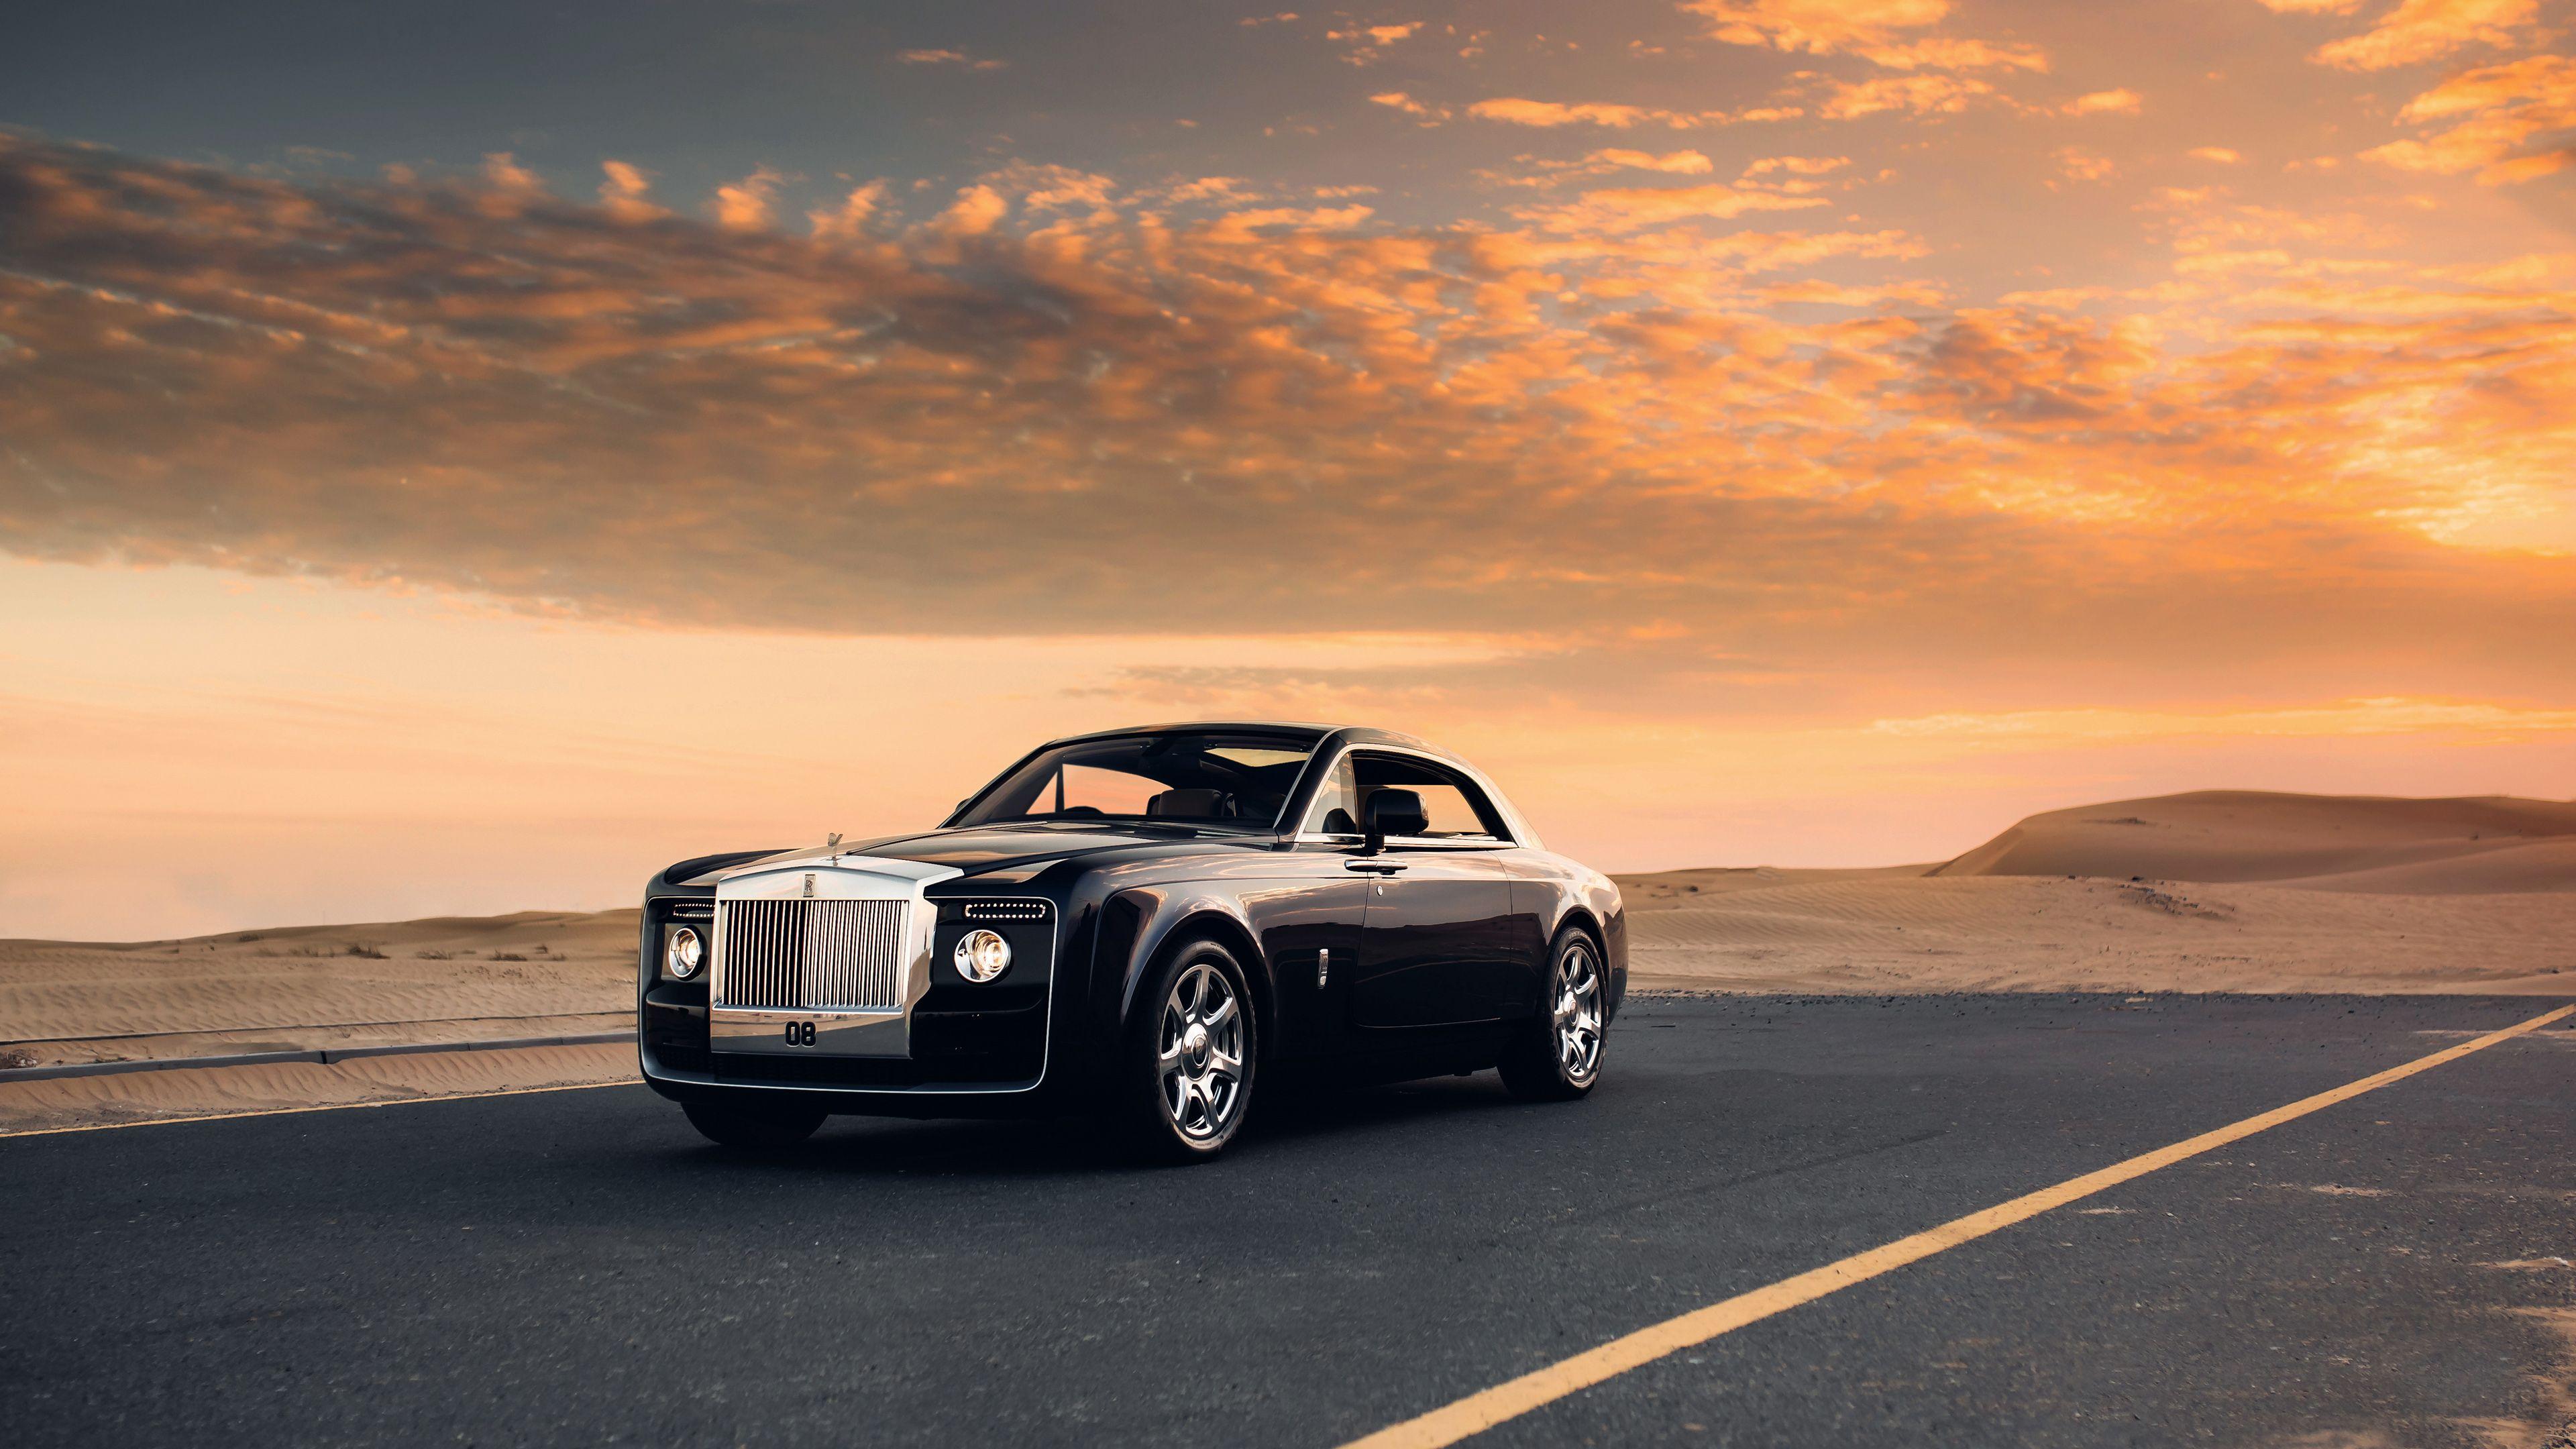 Rolls Royce Sweptail 4k Rolls Royce Rolls Royce Wallpaper